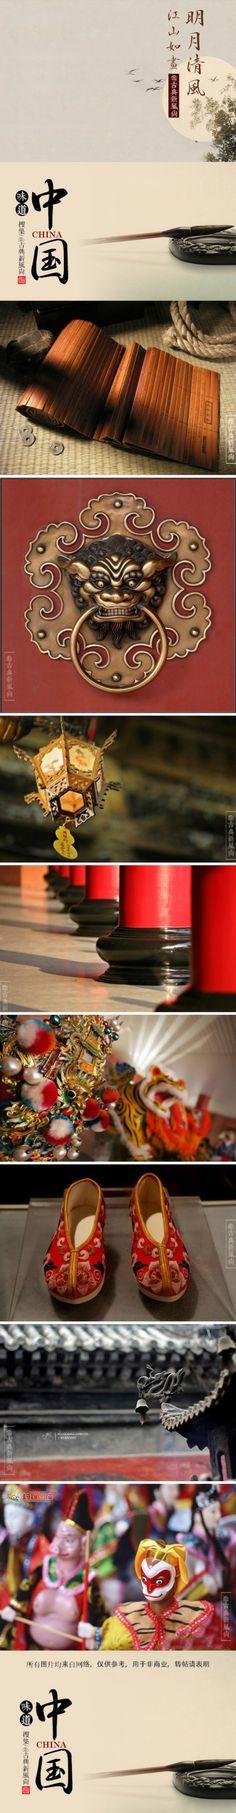 中国味 Chinese Design, Chinese Style, Chinese Interior, Chinese Element, Chinese Language, Chinese Restaurant, China Fashion, Furniture Design, Traditional